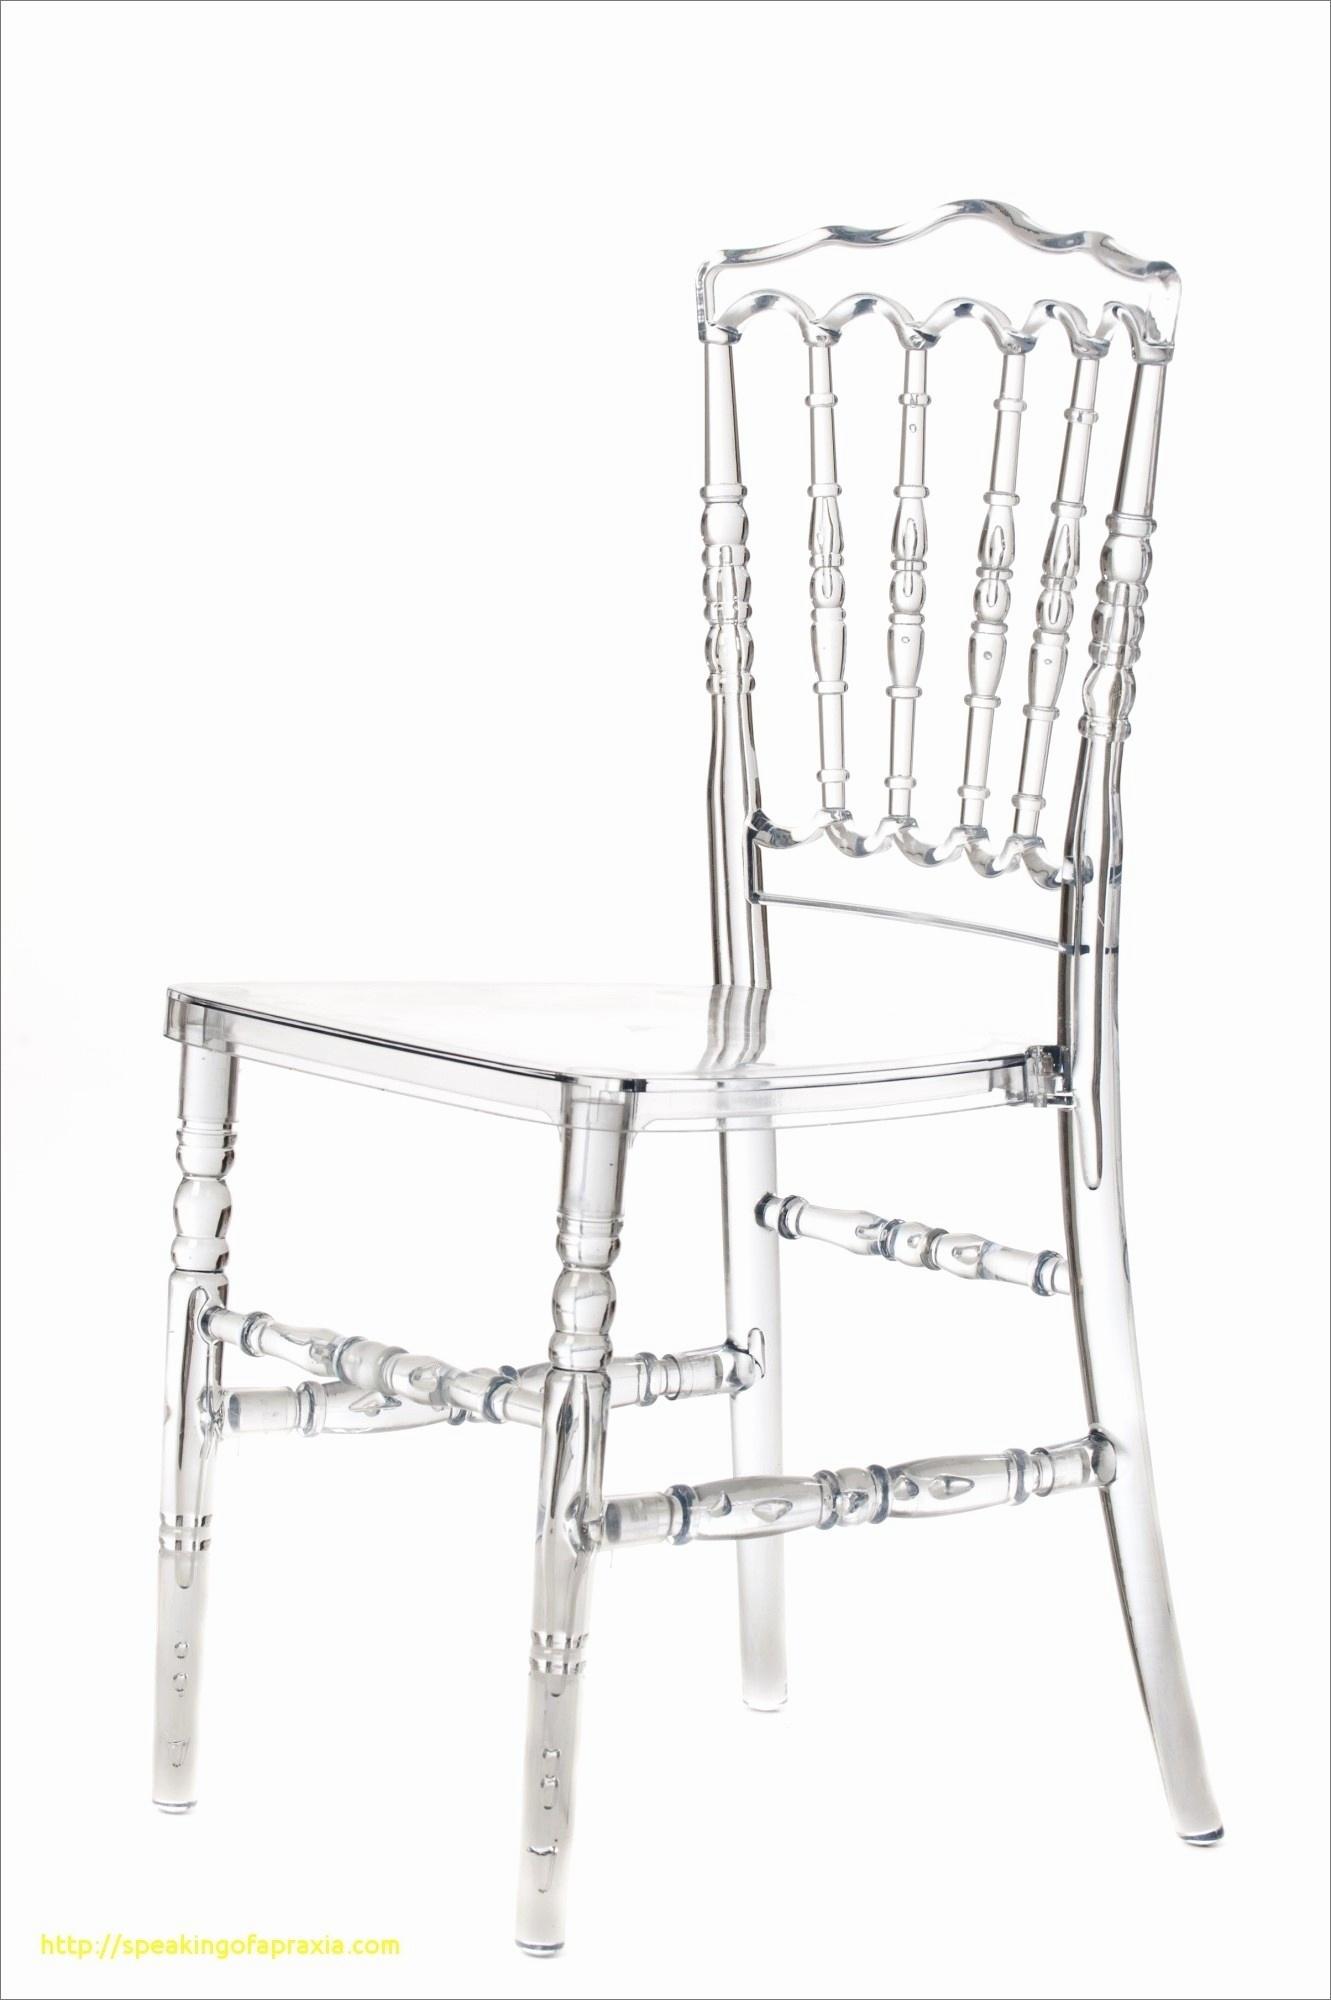 banc pliant carrefour impressionnant chaise basse de jardin chaise pliante carrefour canape carrefour 0d of banc pliant carrefour